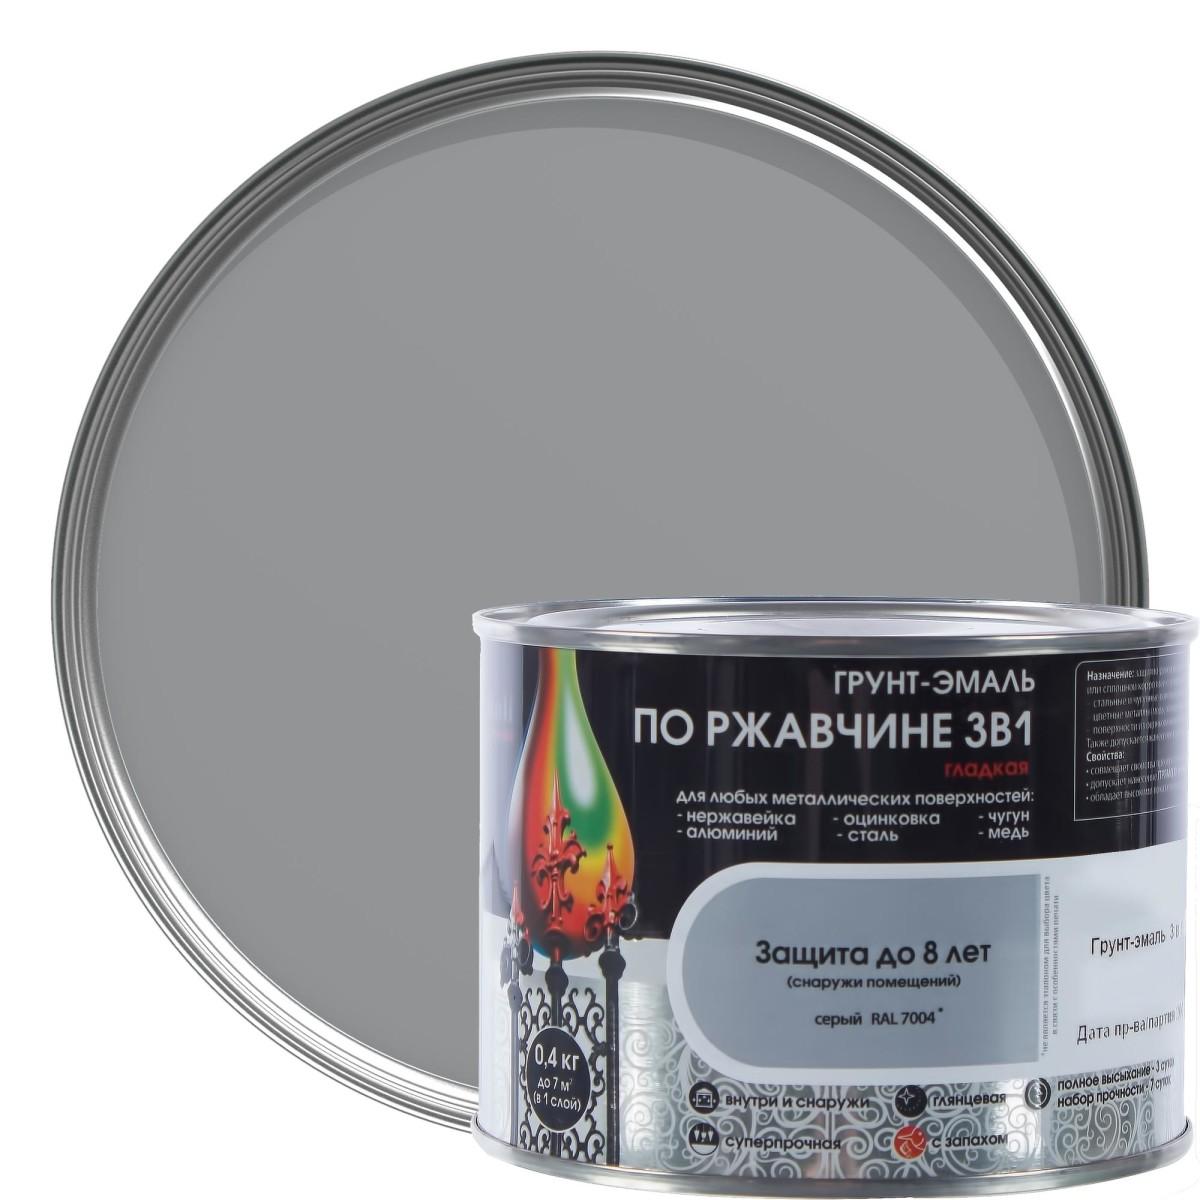 Грунт эмаль по ржавчине 3 в 1 гладкая Dali Special цвет серый 0.4 кг